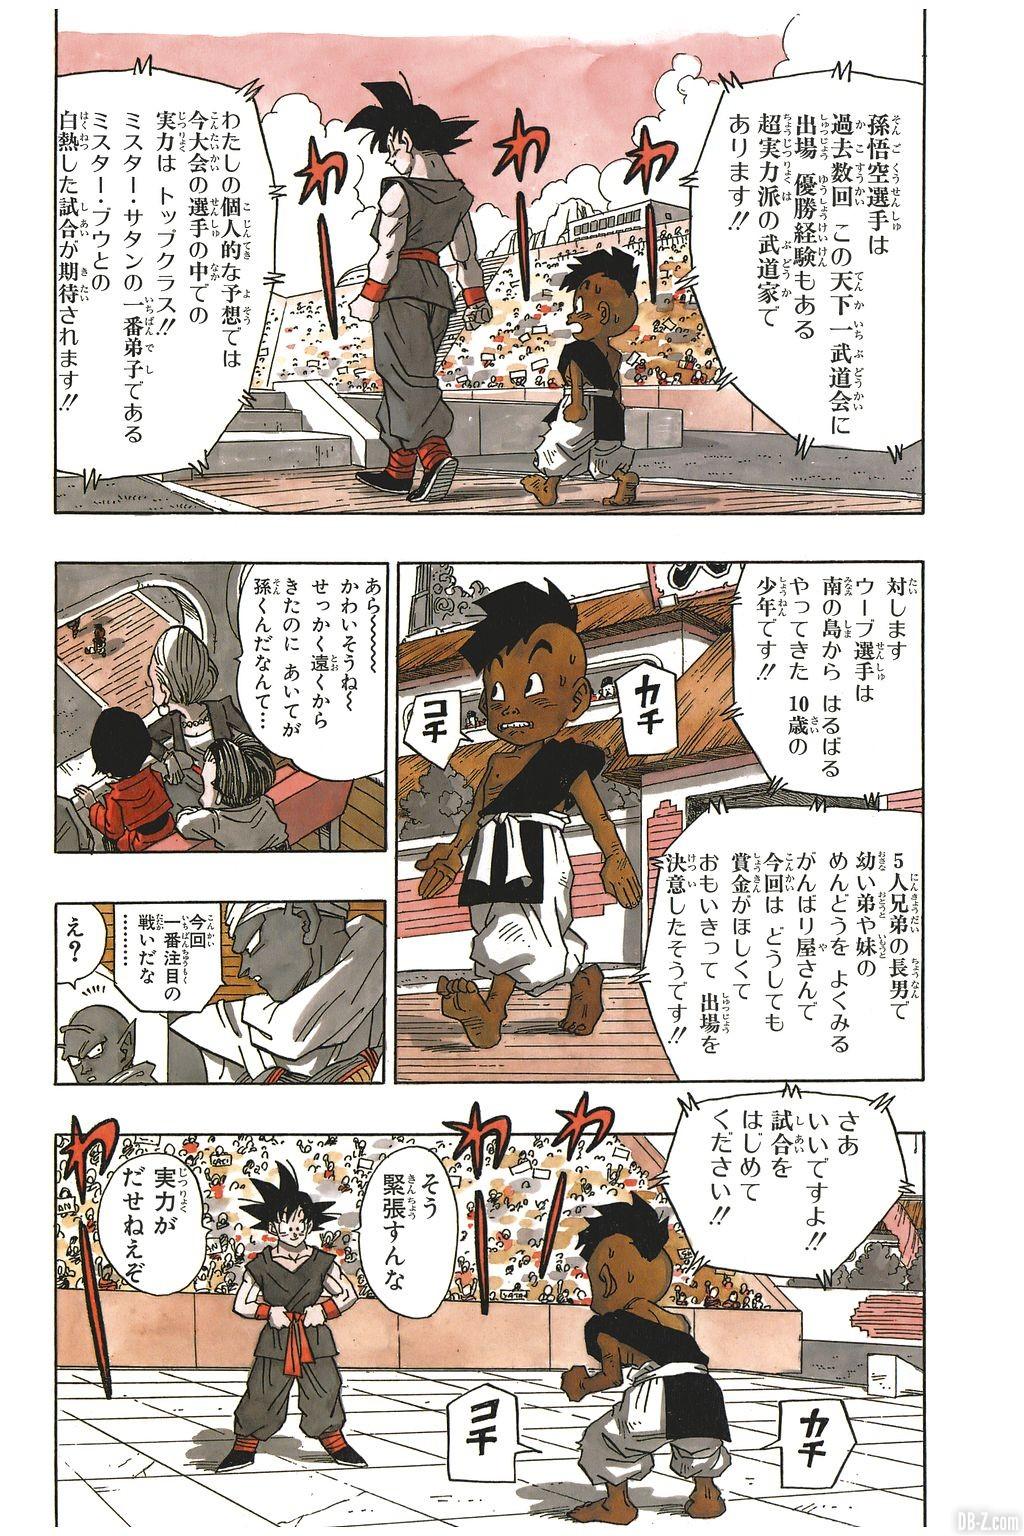 Dernier Chapitre Dragon Ball Page 8